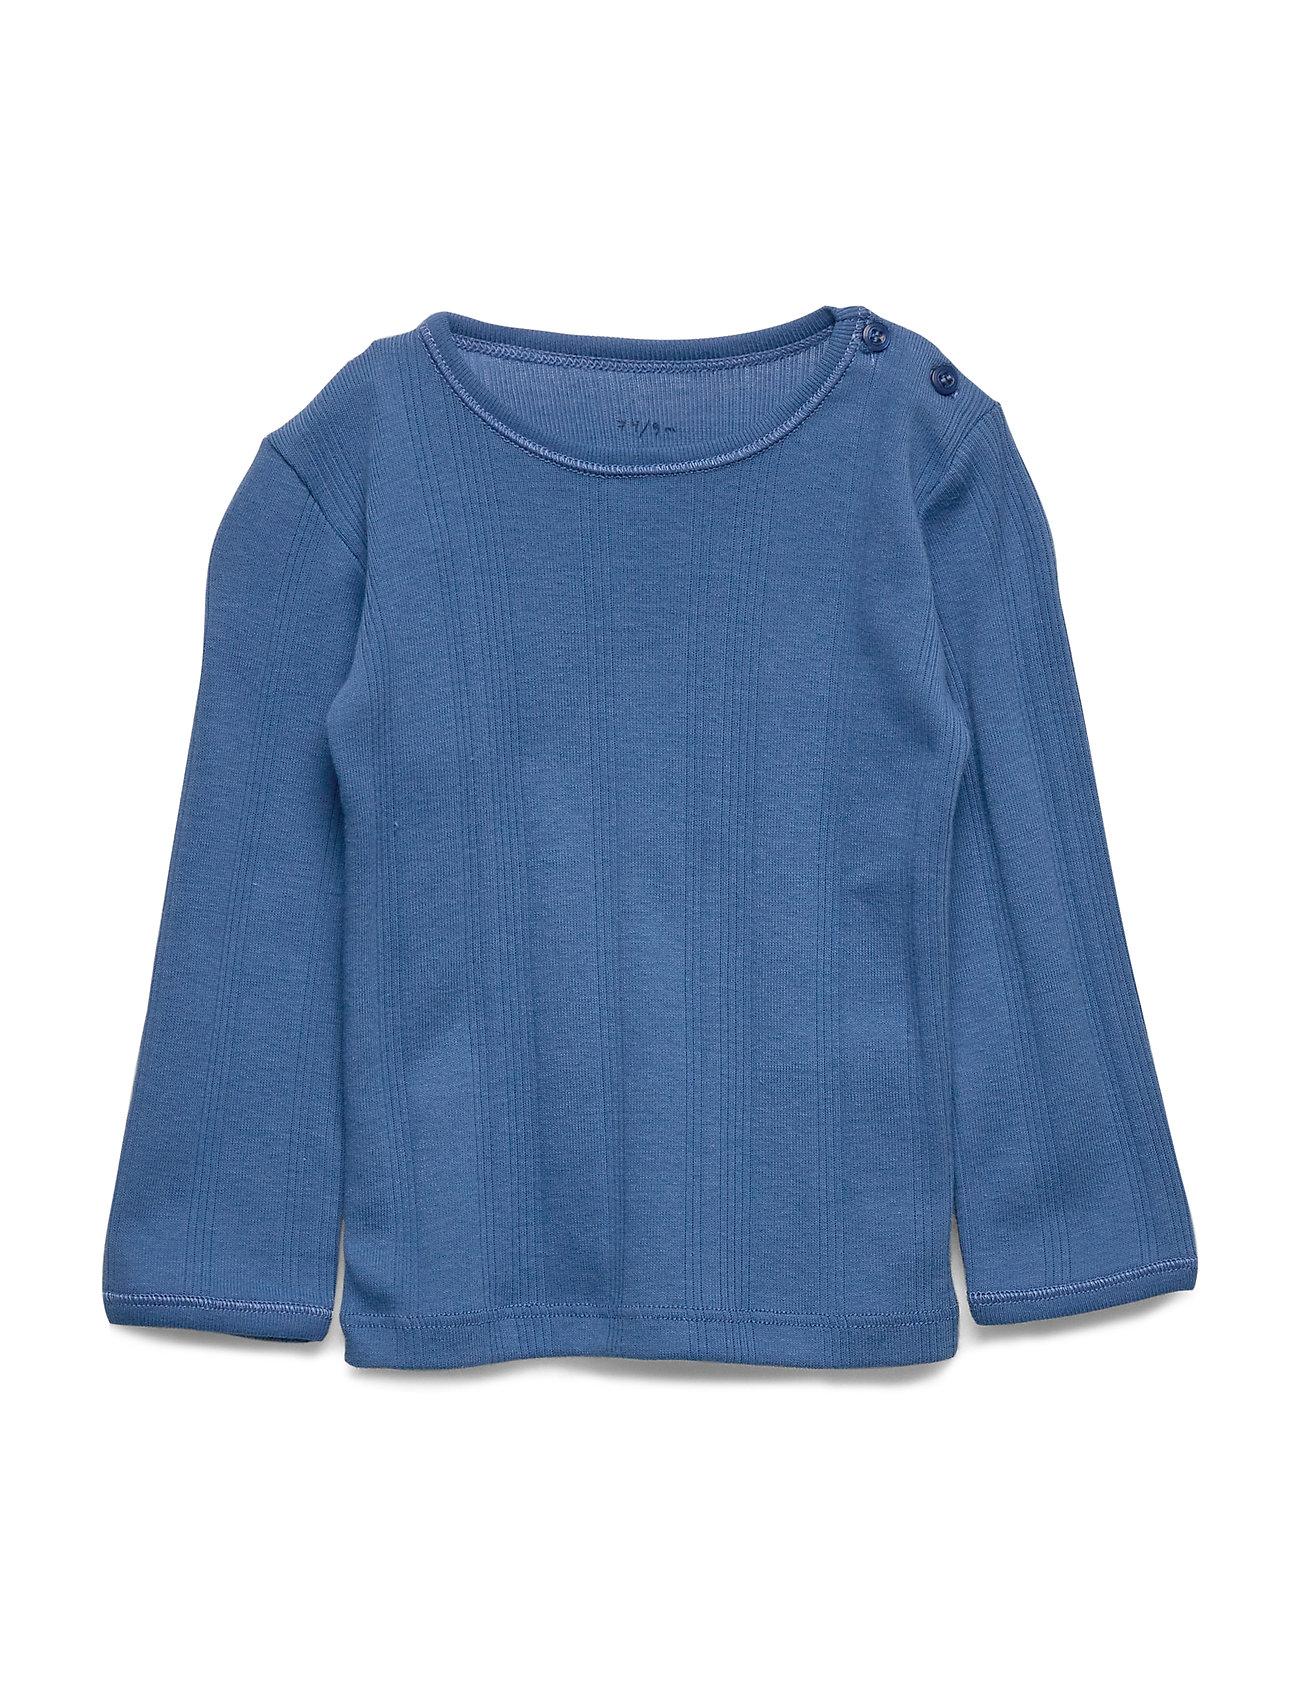 Noa Noa Miniature T-shirt - DELFT